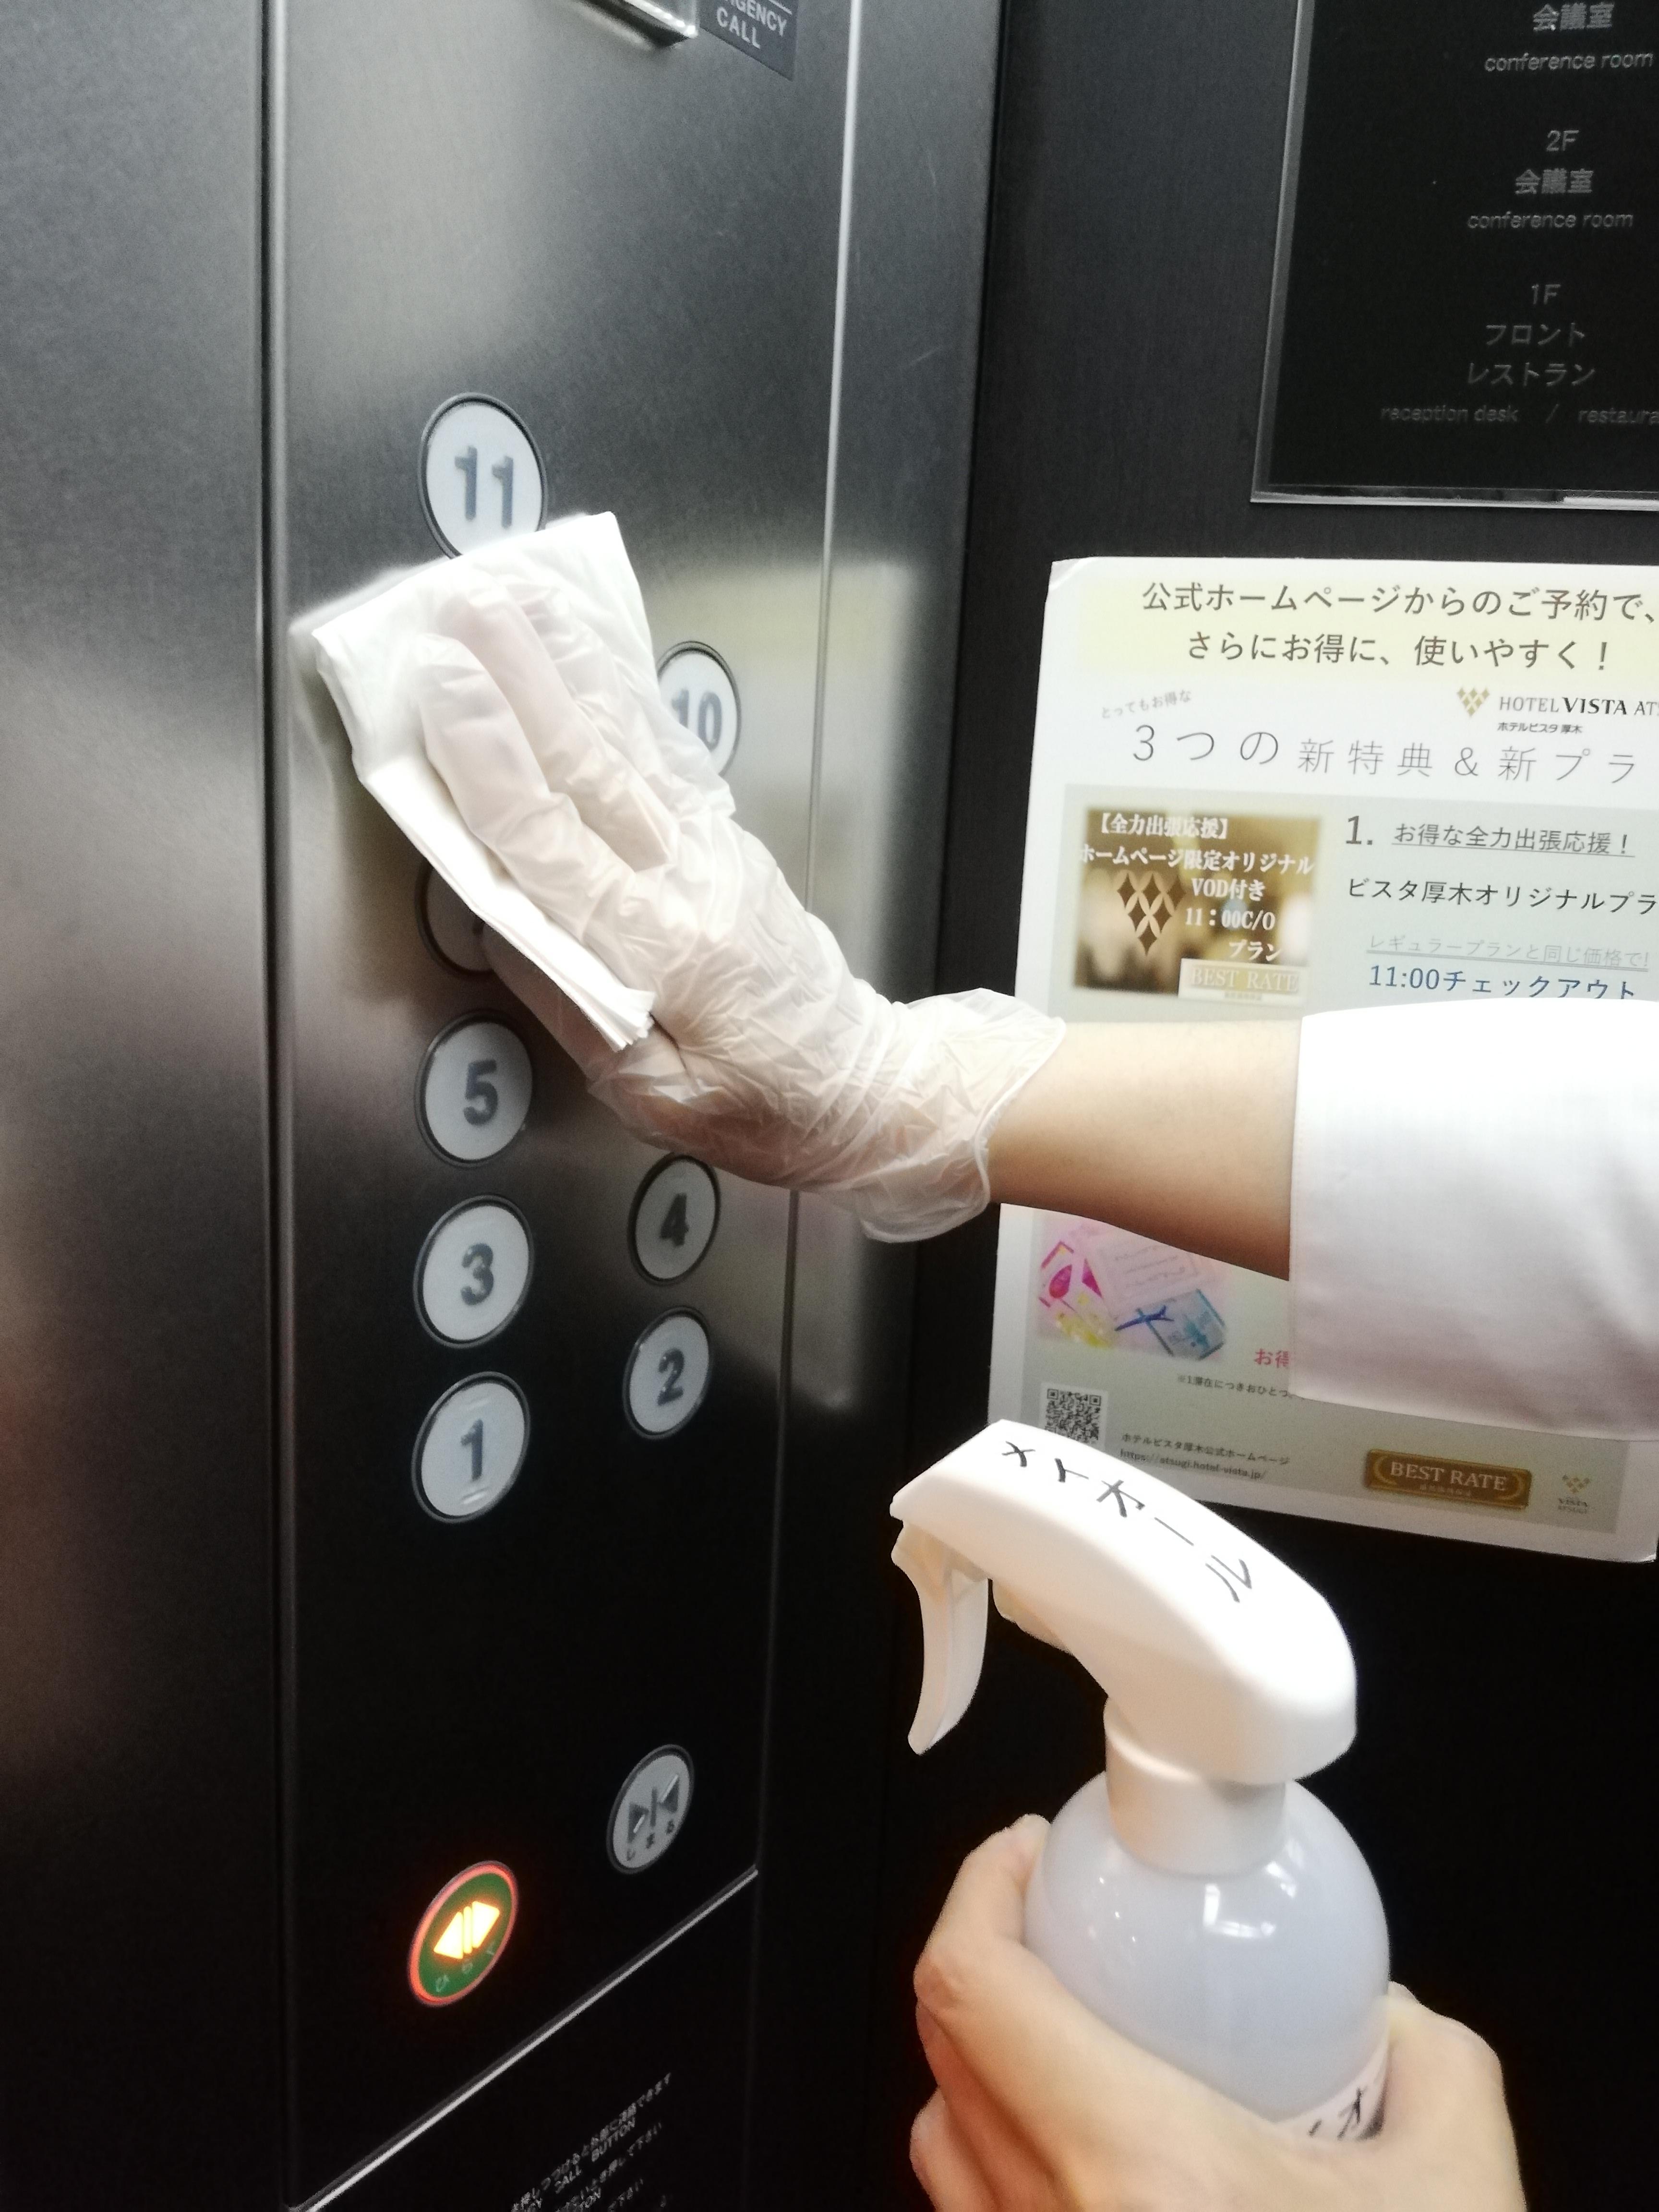 【新型コロナウイルス感染防止の取り組み】